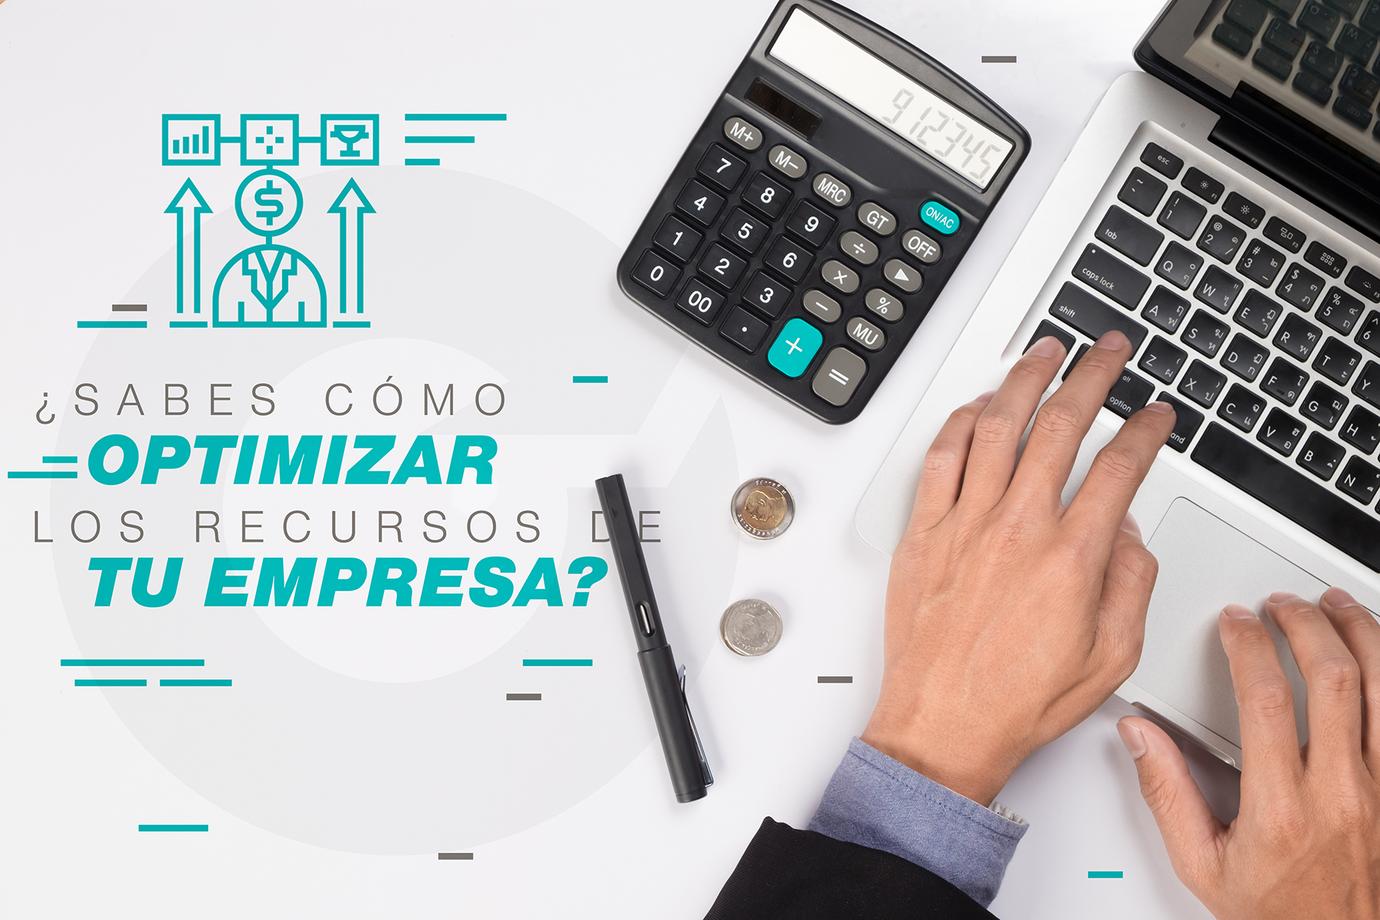 71 - ¿Sabes cómo optimizar los recursos de tu empresa?